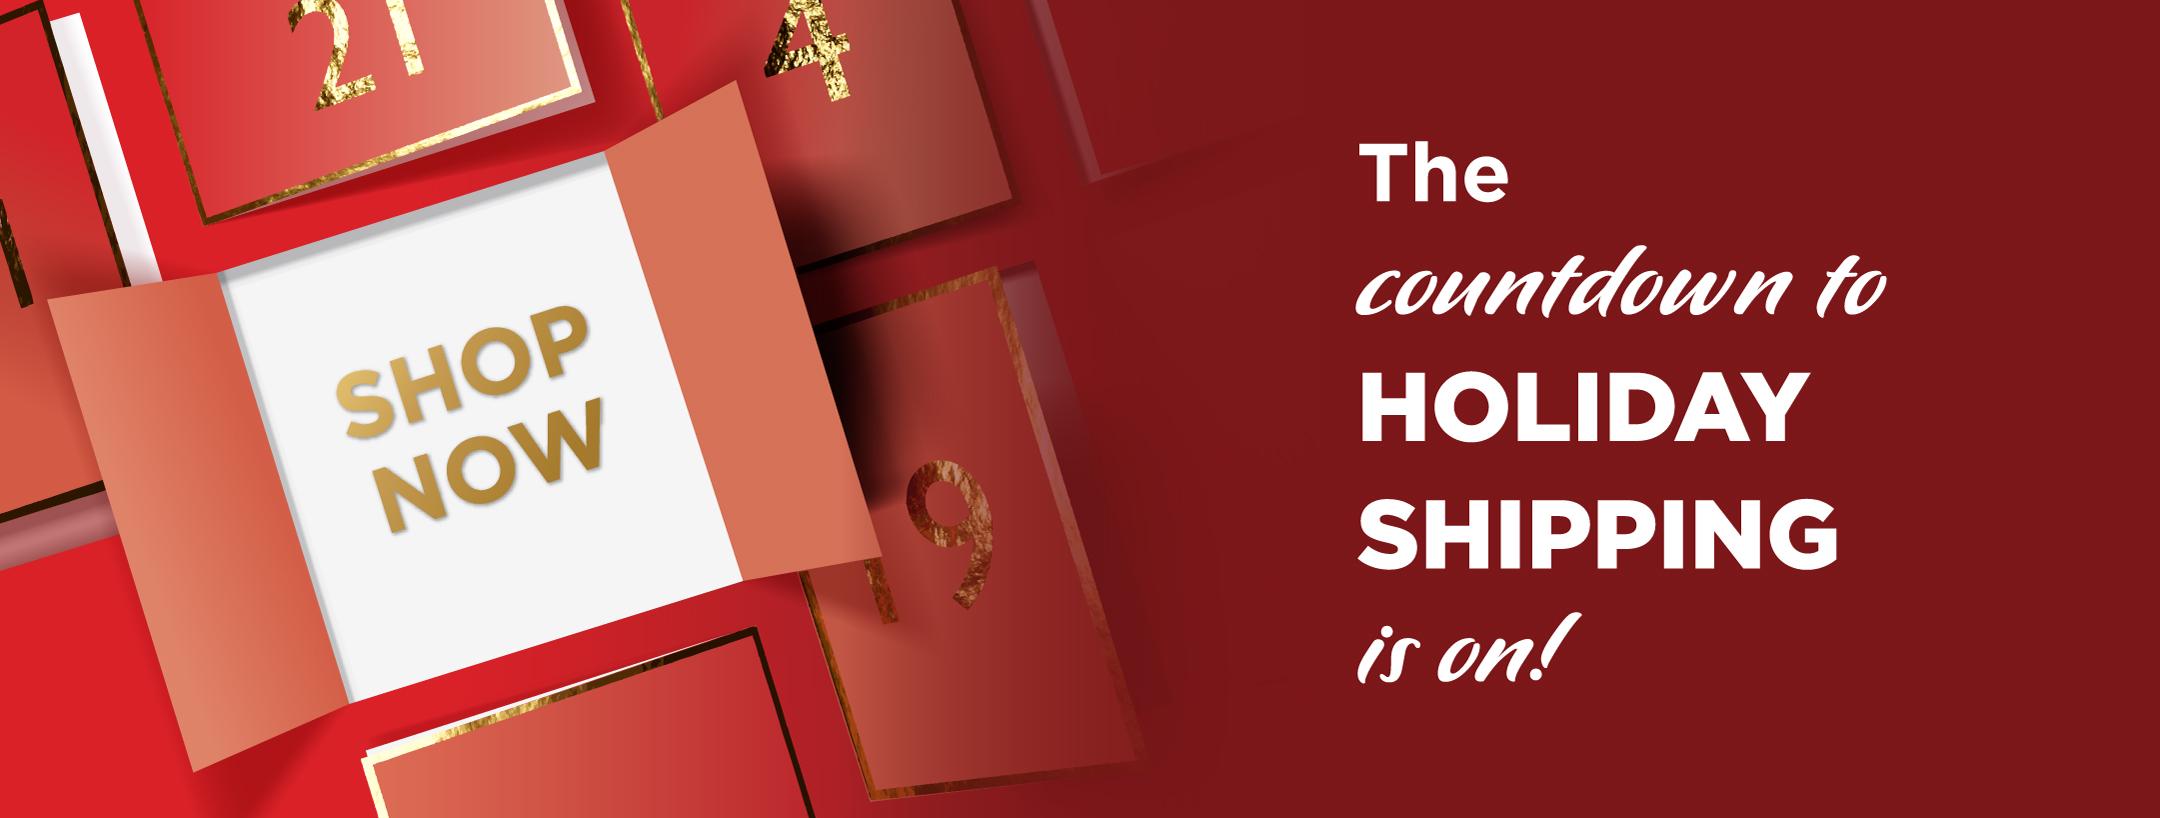 holiday_shipping